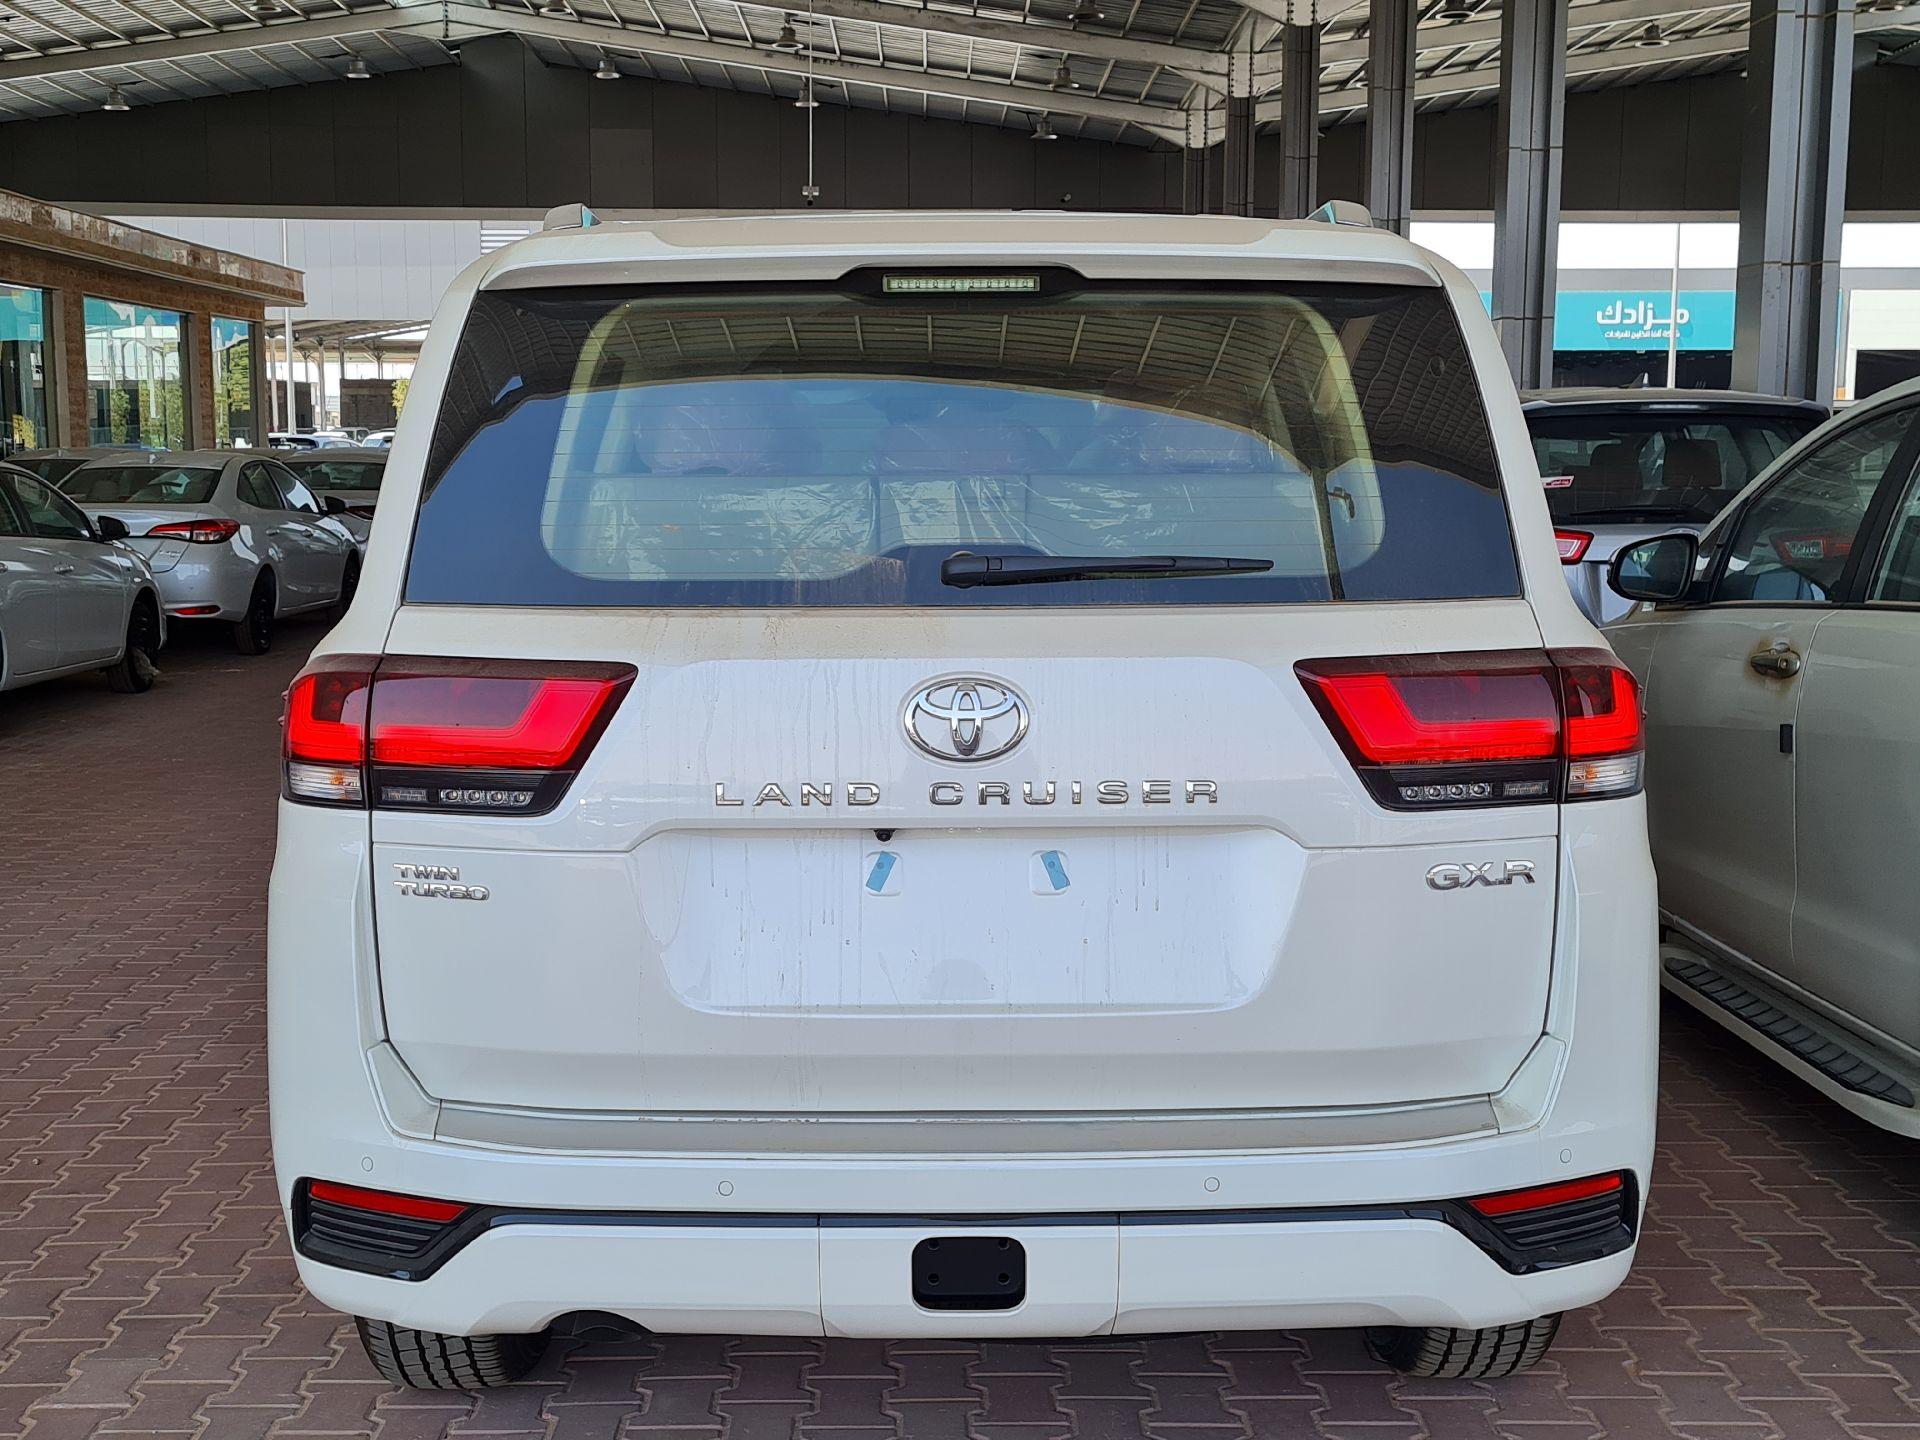 تويوتا لاندكروزر GXR-L4 2022 فل سعودي للبيع في الرياض - السعودية - صورة كبيرة - 4